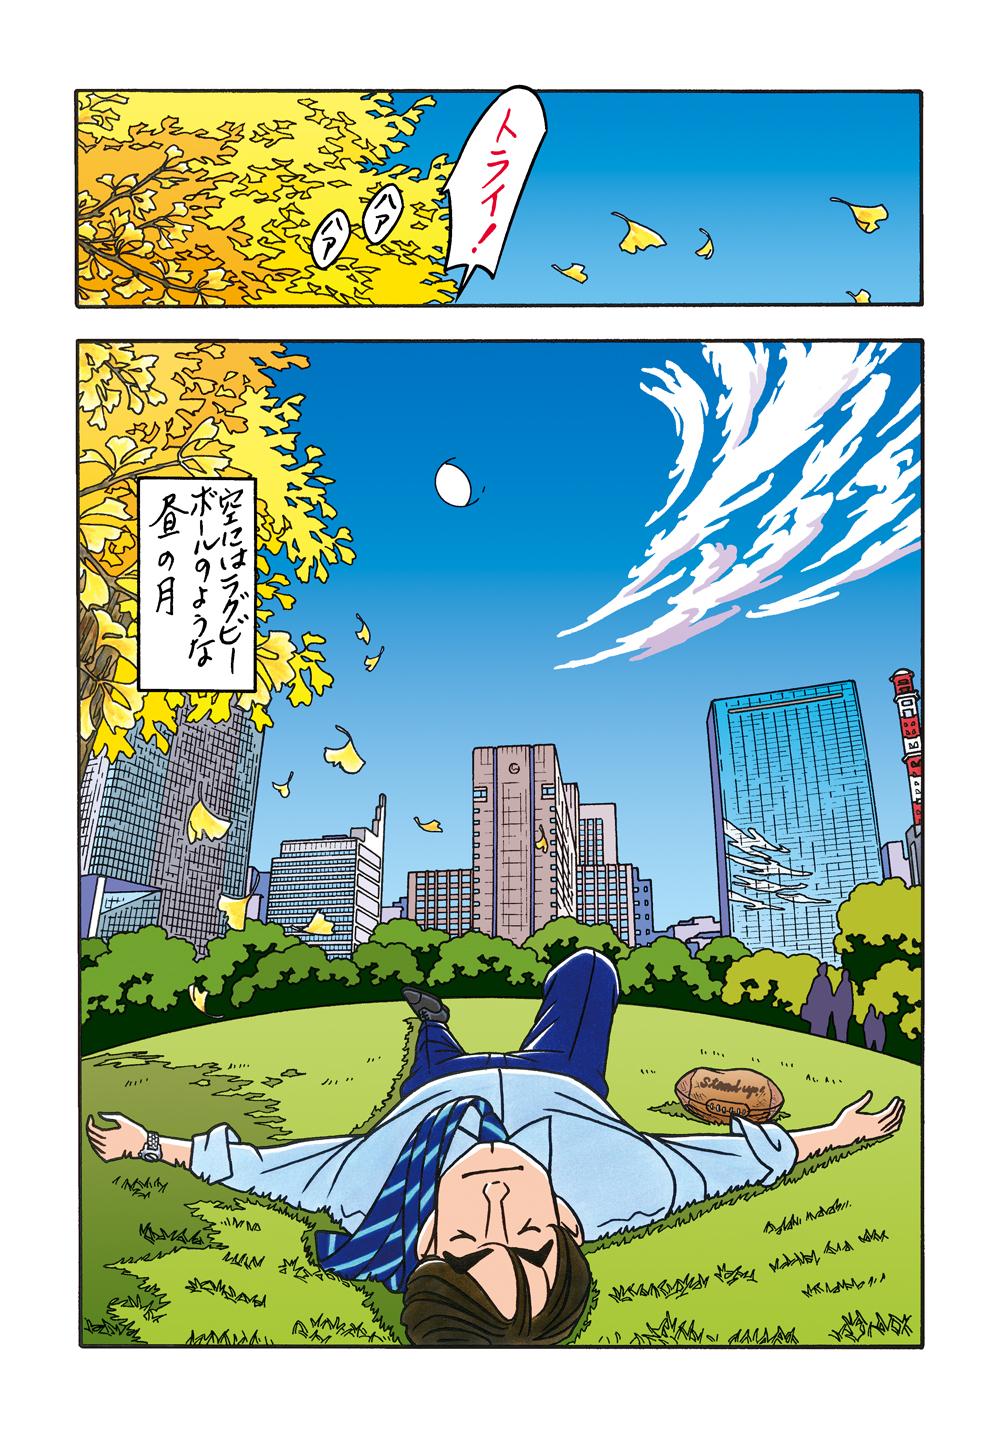 ワンダーカクテル 【第19話 stand up!】8ページ目画像